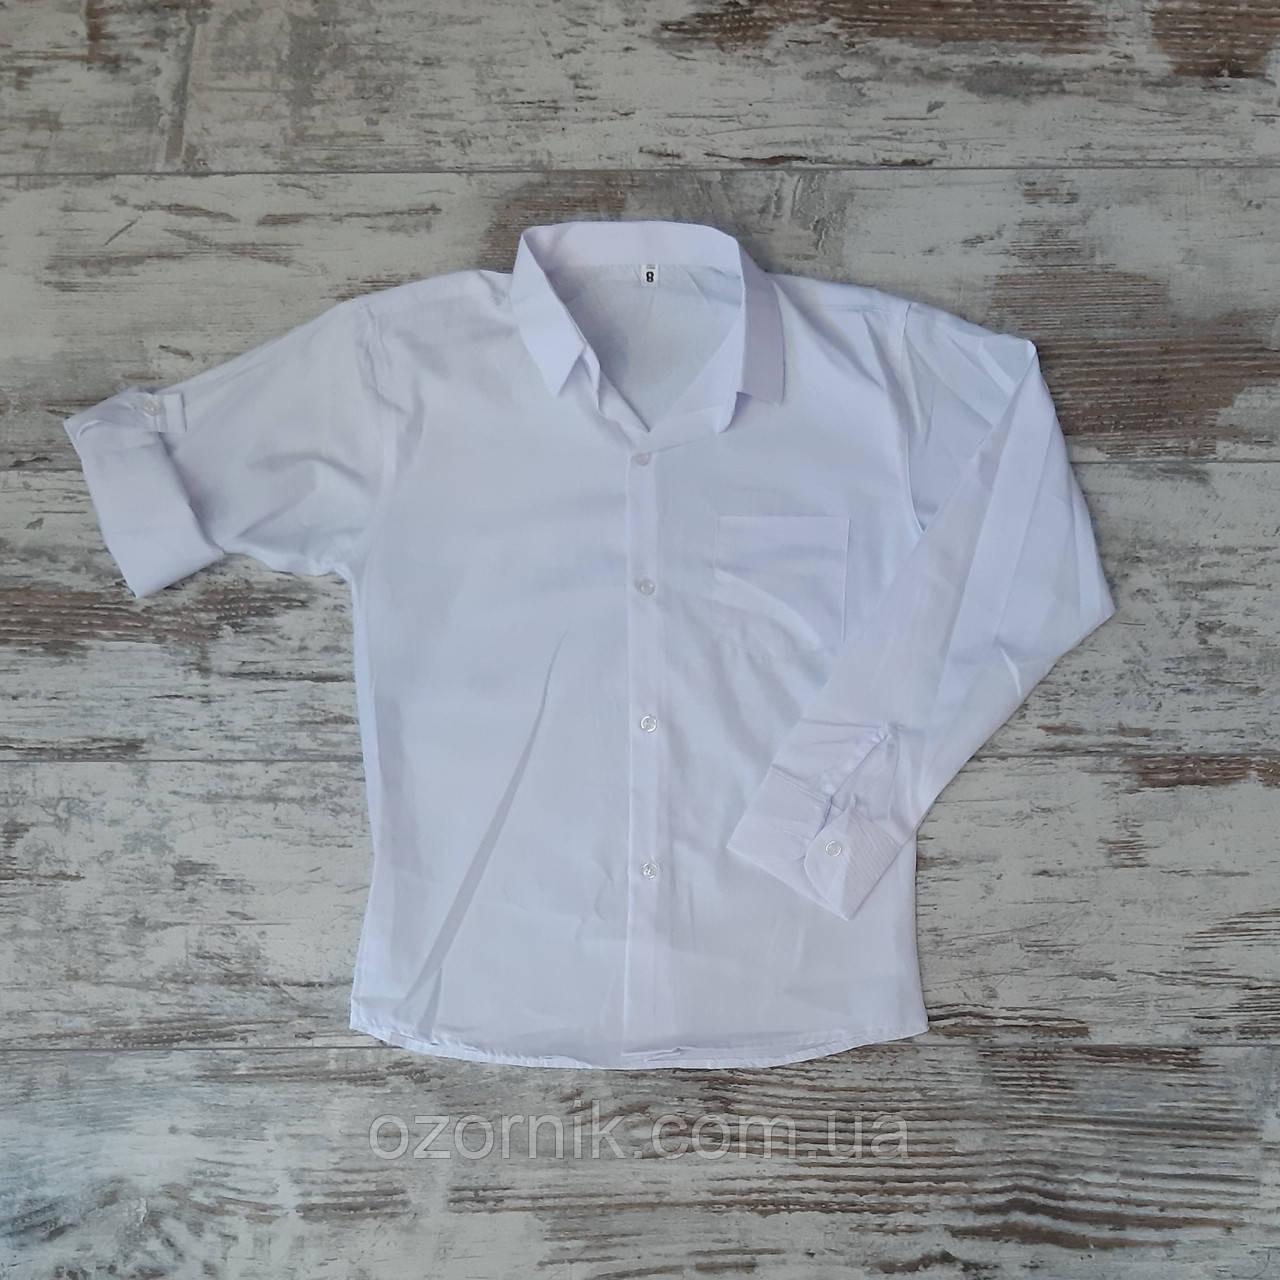 Оптом Рубашка Белая для Мальчиков 5-8 лет